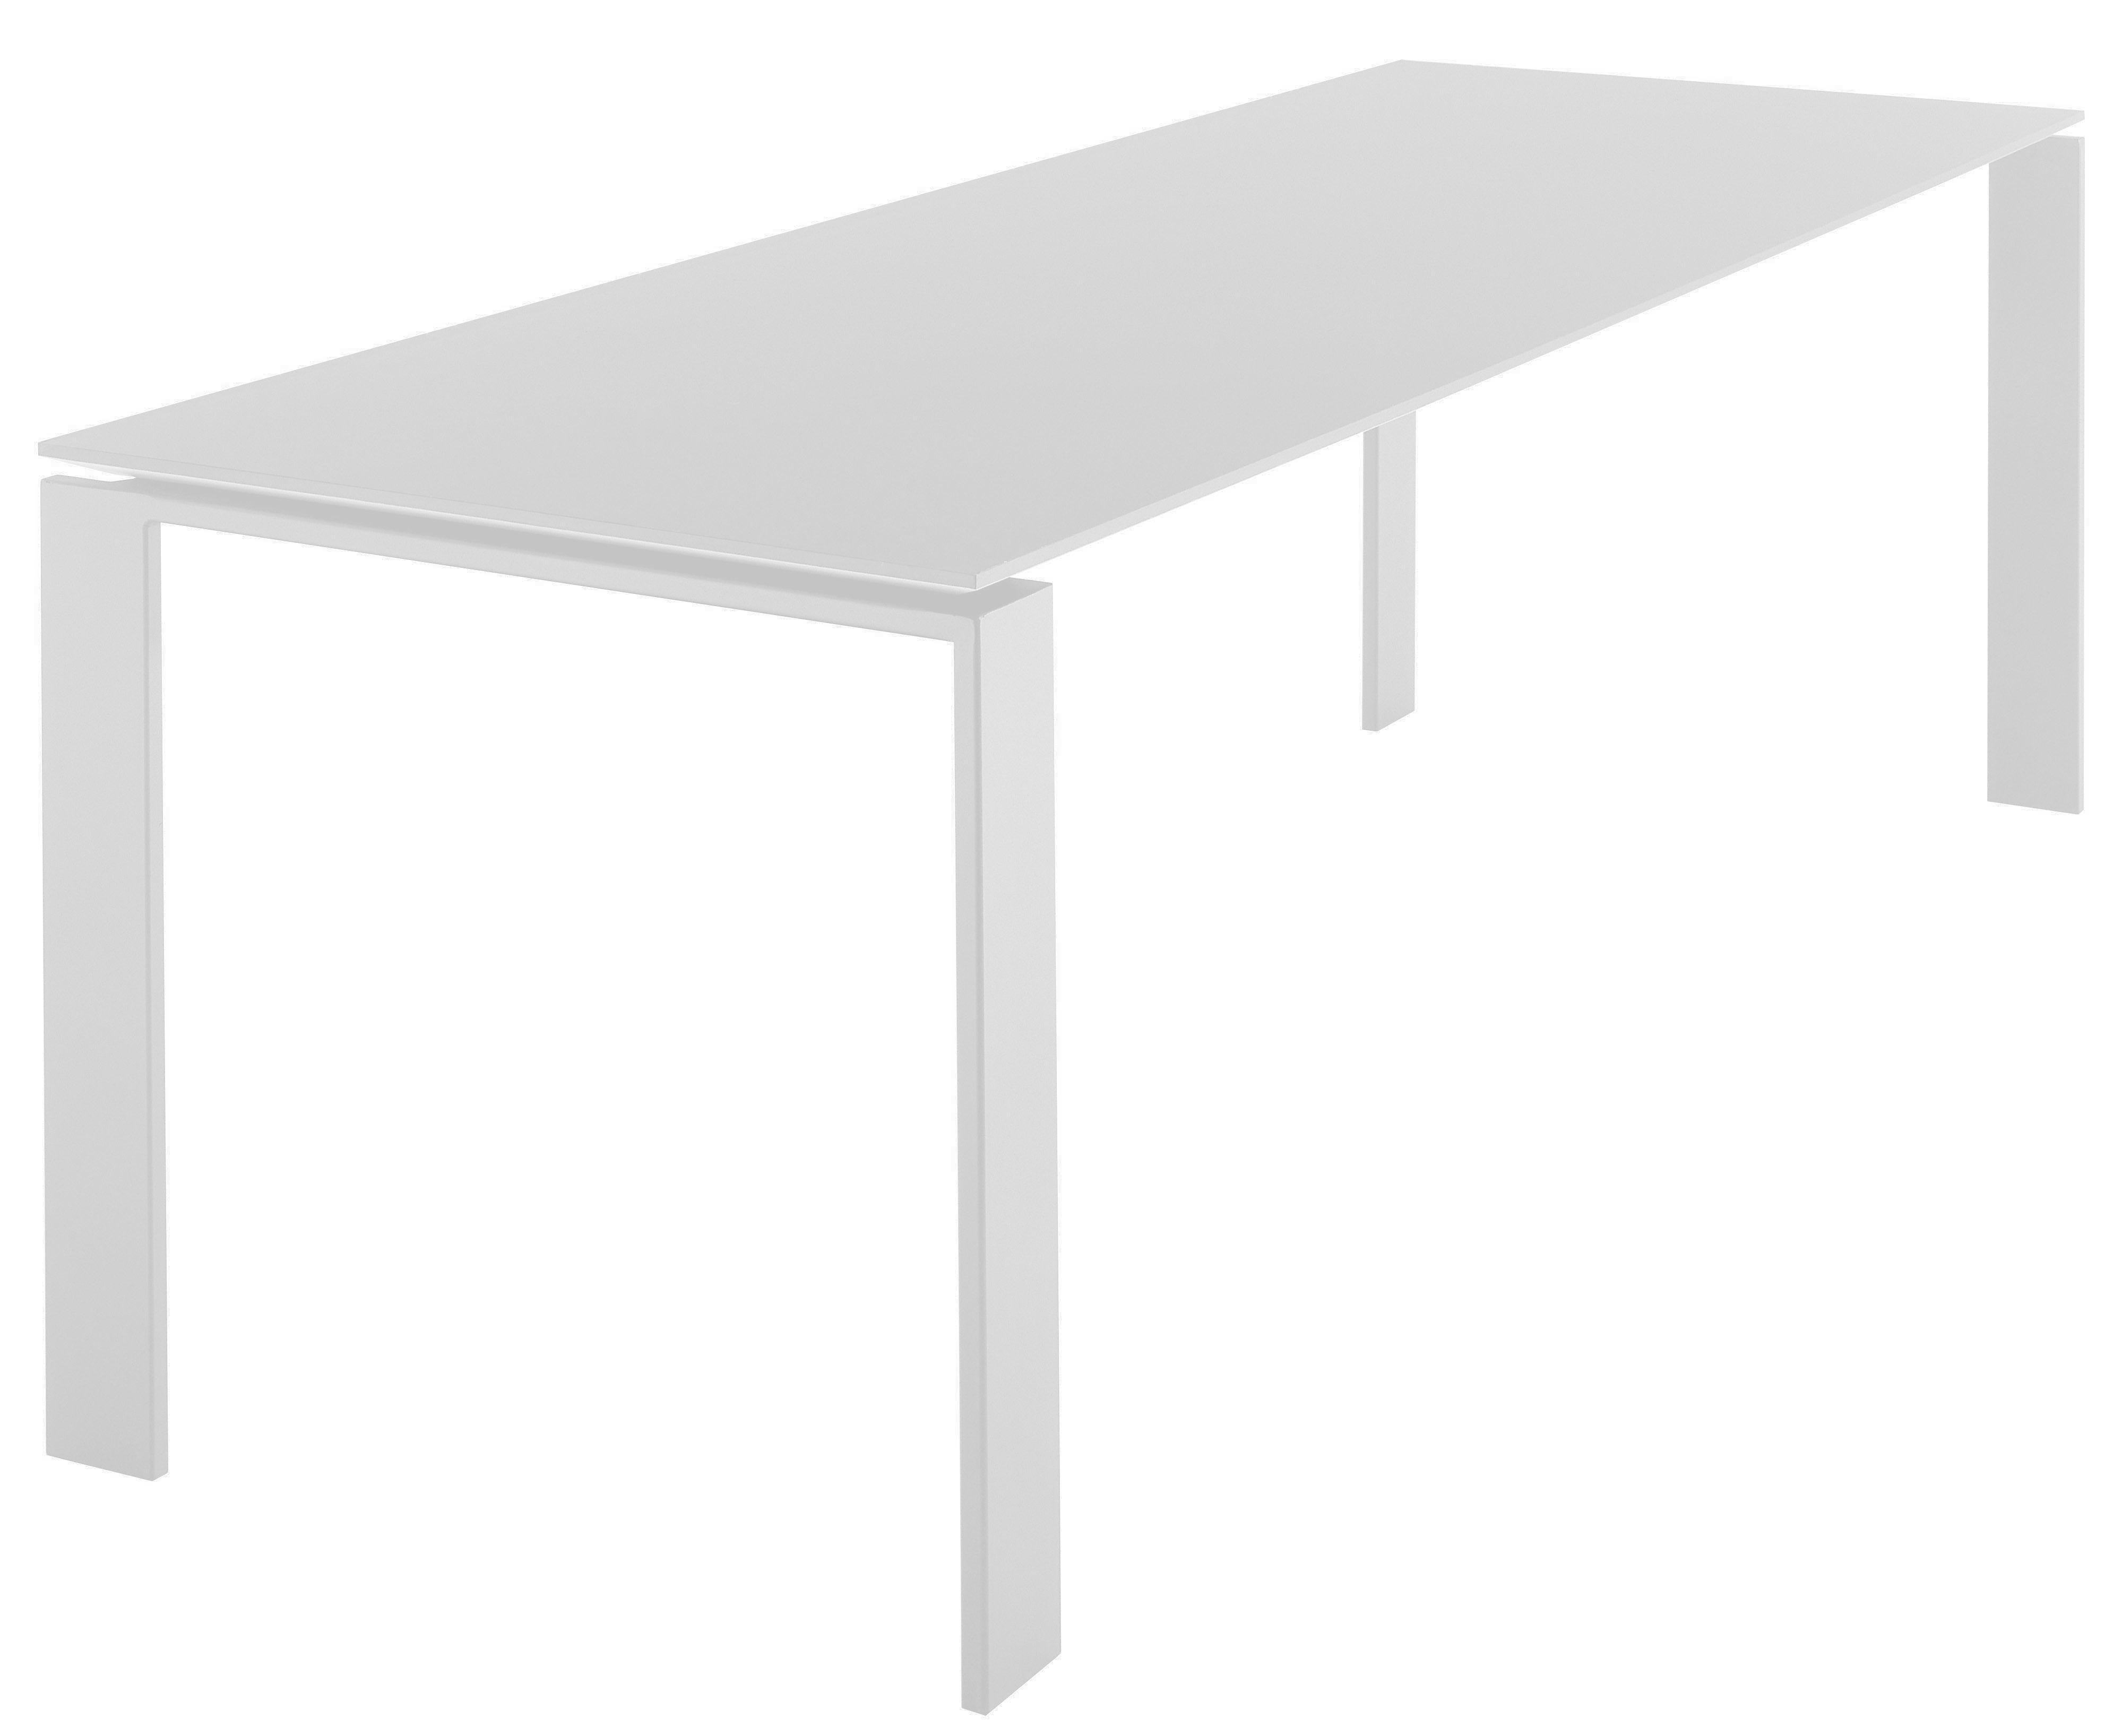 Mobilier - Tables - Table rectangulaire Four / L 223 cm - Kartell - Blanc - Acier verni, Laminé